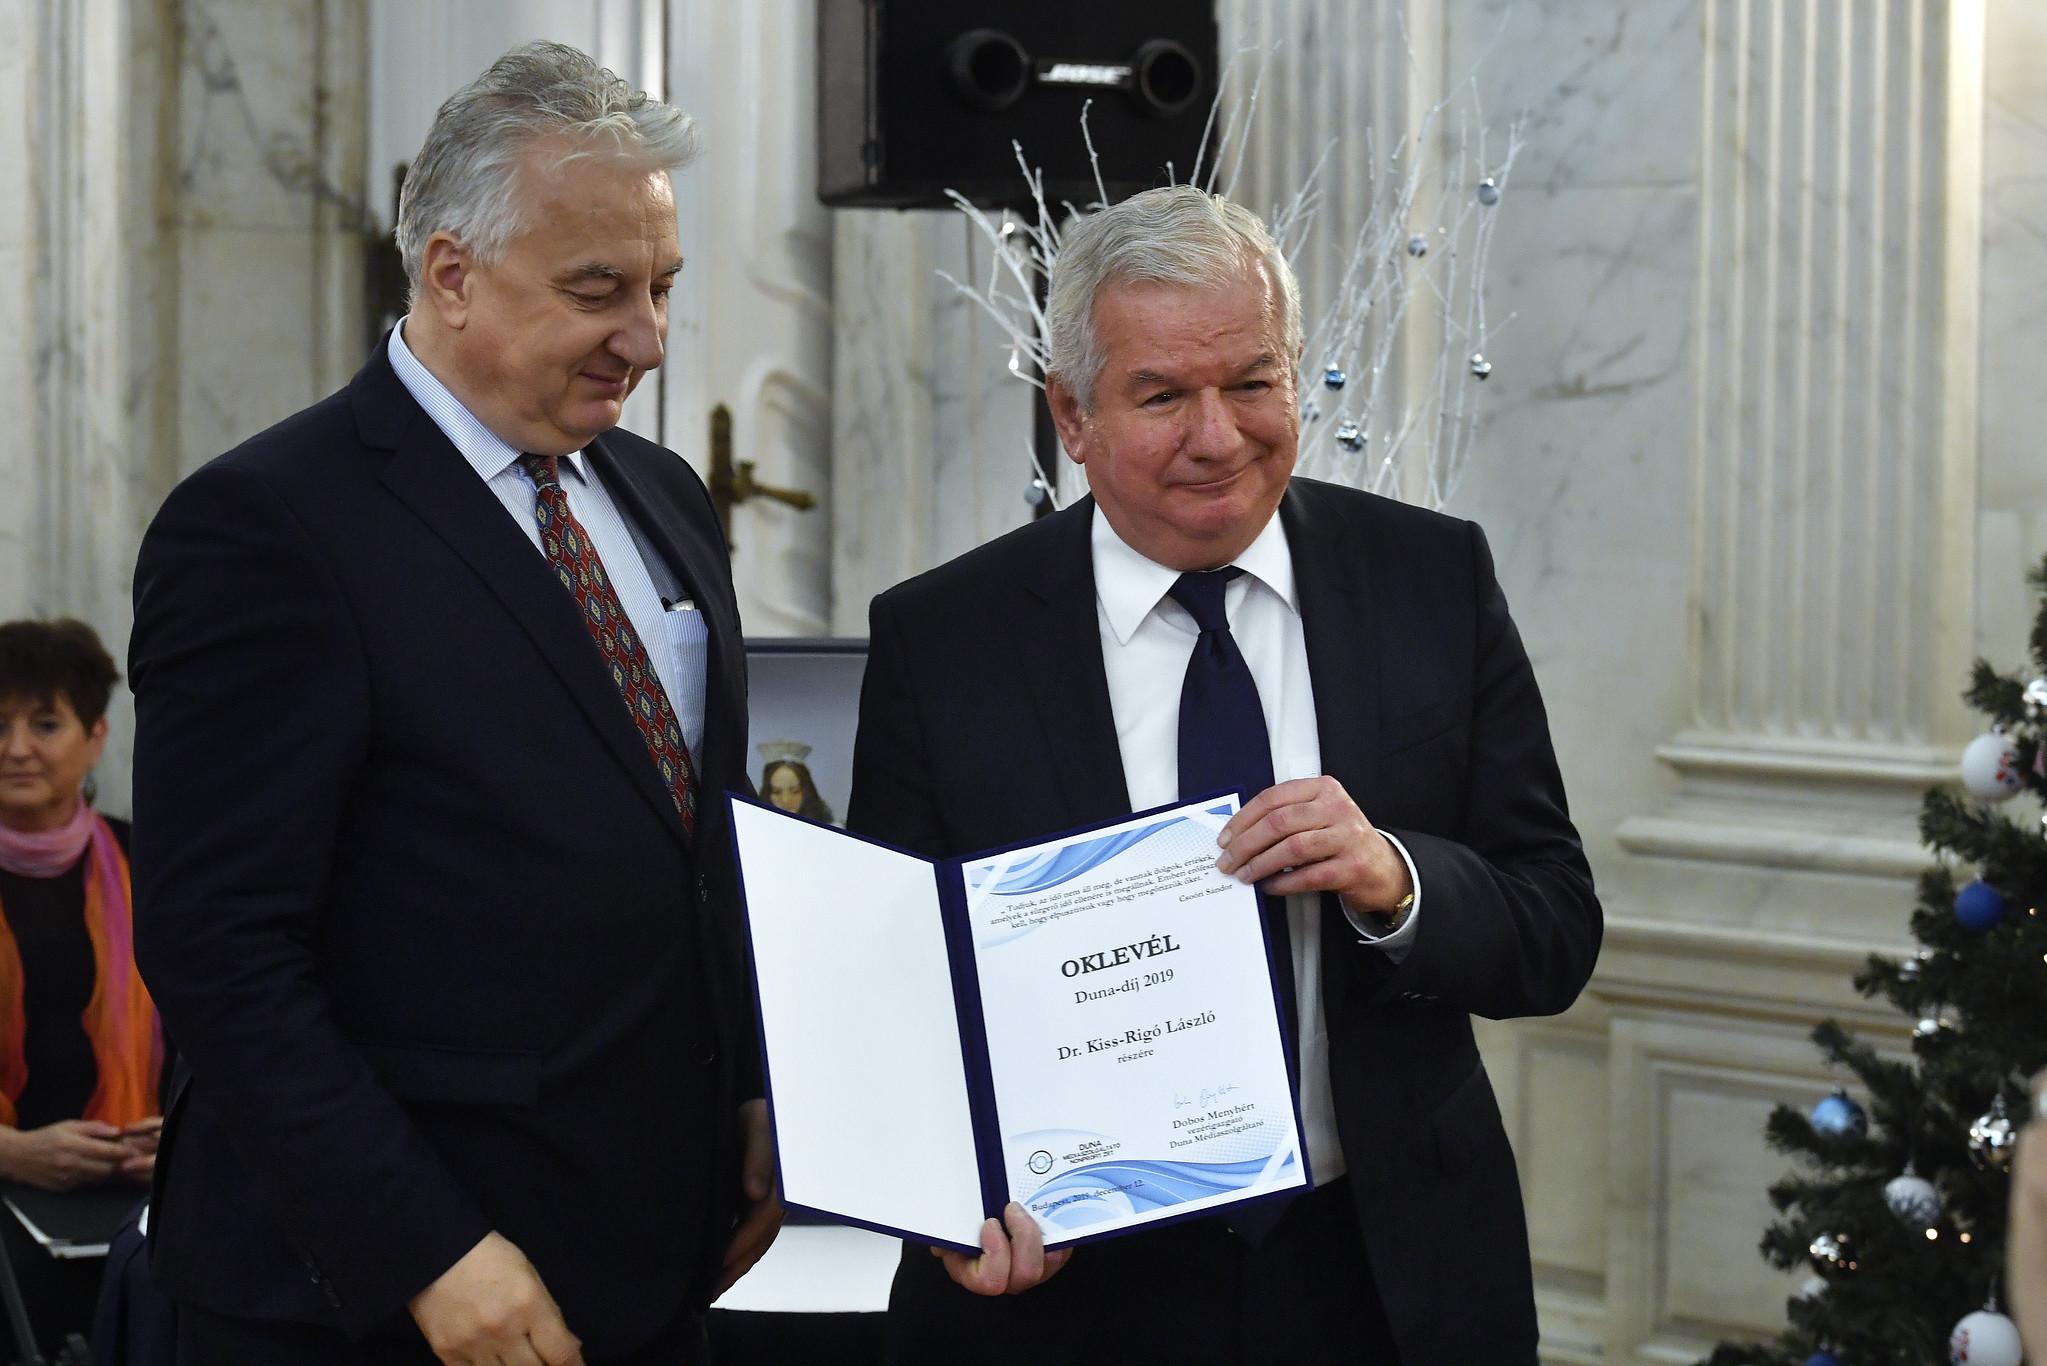 Kiss-Rigó László kapta az idei Duna-díjat